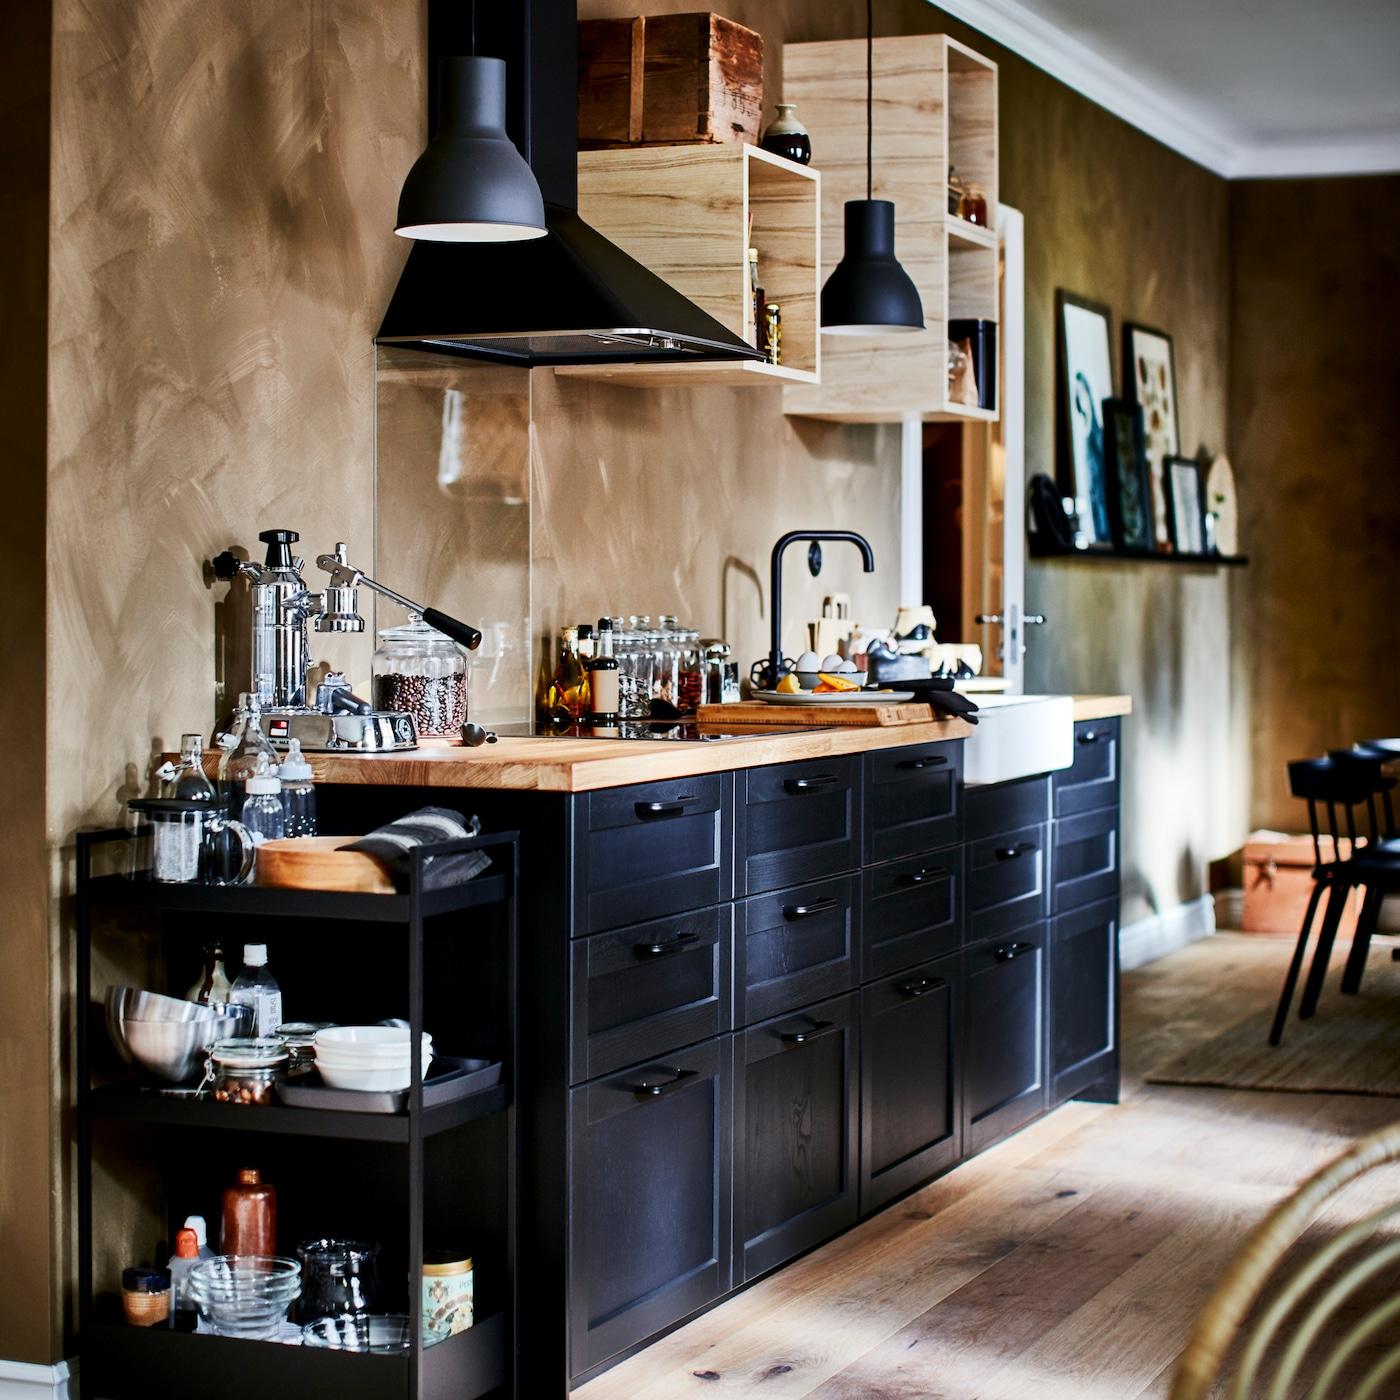 Kök med svarta lådfronter, bänkskiva i trä, svart rullvagn, öppna väggskåp och två mörkgrå taklampor.